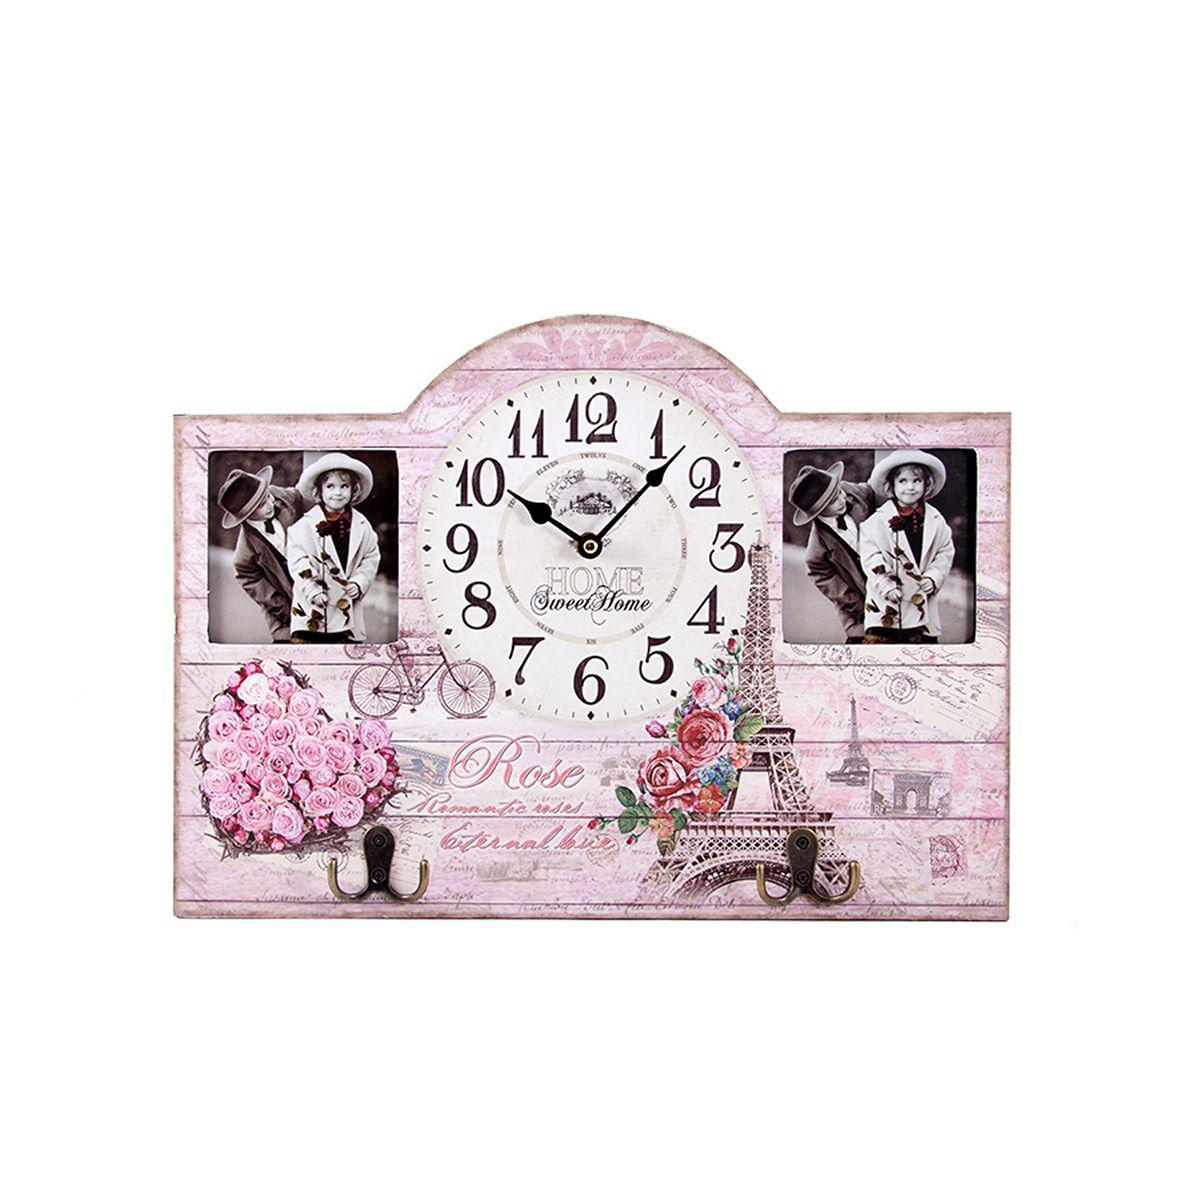 Часы настенные Русские Подарки Париж, 45 х 5 х 32 см. 2963254 009318Настенные кварцевые часы Русские Подарки Париж изготовлены из МДФ. Корпус оформлен изображением цветов и Эйфелевой башни, а также украшен вставками с изображением детей. Корпус часов имеет два металлических крючка, на которые можно повесить ключи или прочие мелочи. Часы имеют две стрелки - часовую и минутную. С обратной стороны имеетсяпетелька для подвешивания на стену.Изящные часы красиво и оригинально оформят интерьер дома или офиса. Также часы могут стать уникальным, полезным подарком для родственников, коллег, знакомых и близких.Часы работают от батареек типа АА (в комплект не входят).